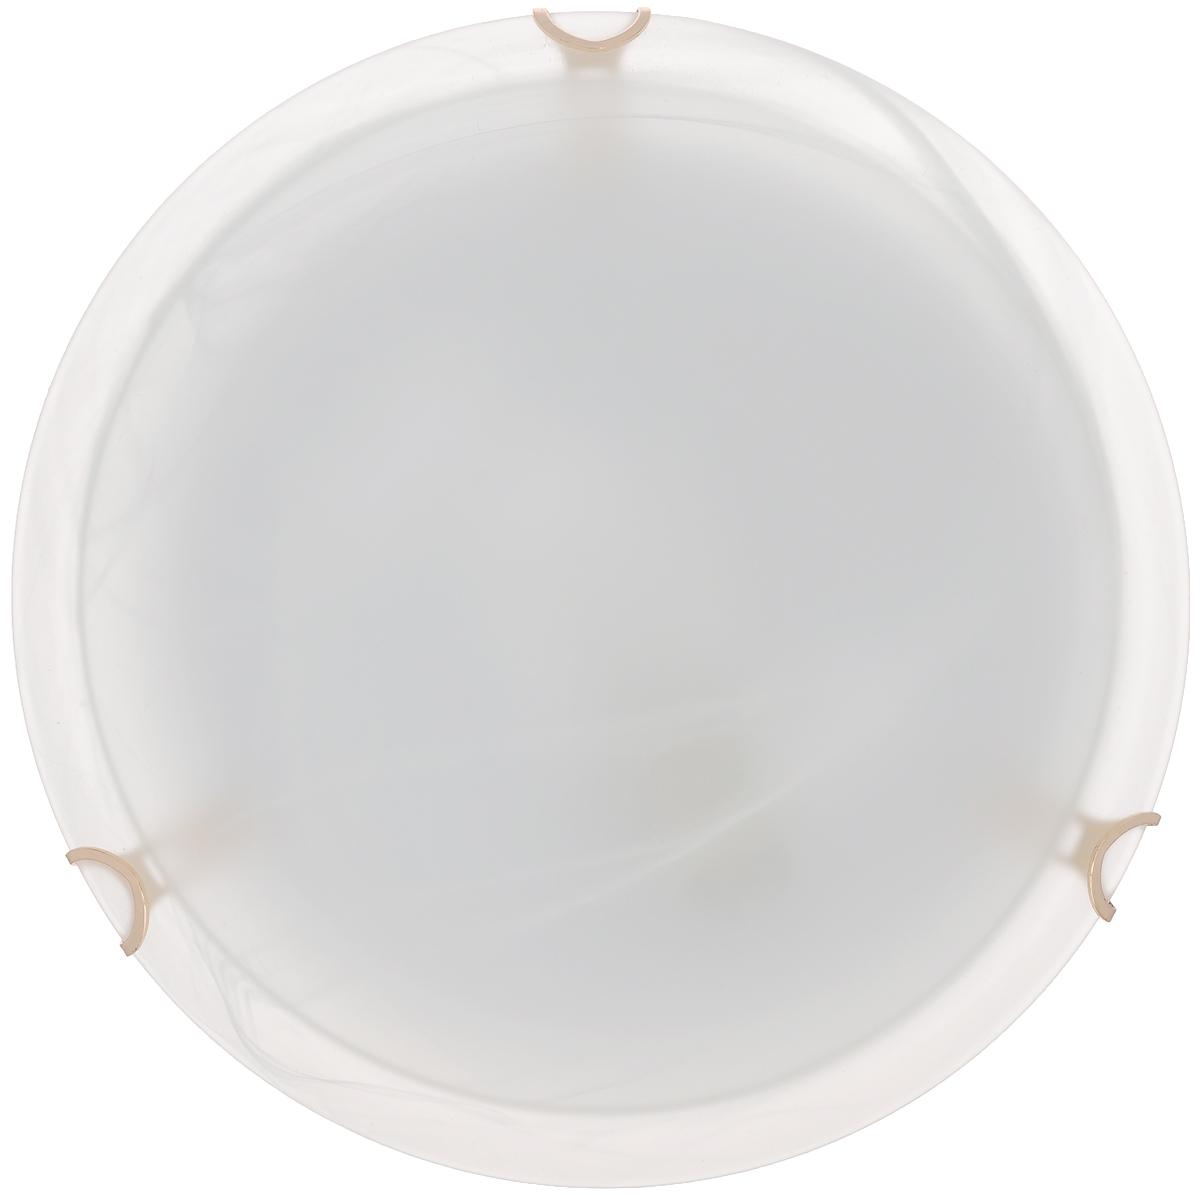 Светильник пристраиваемый Vitaluce V6231/1A, Е27, 100 Вт